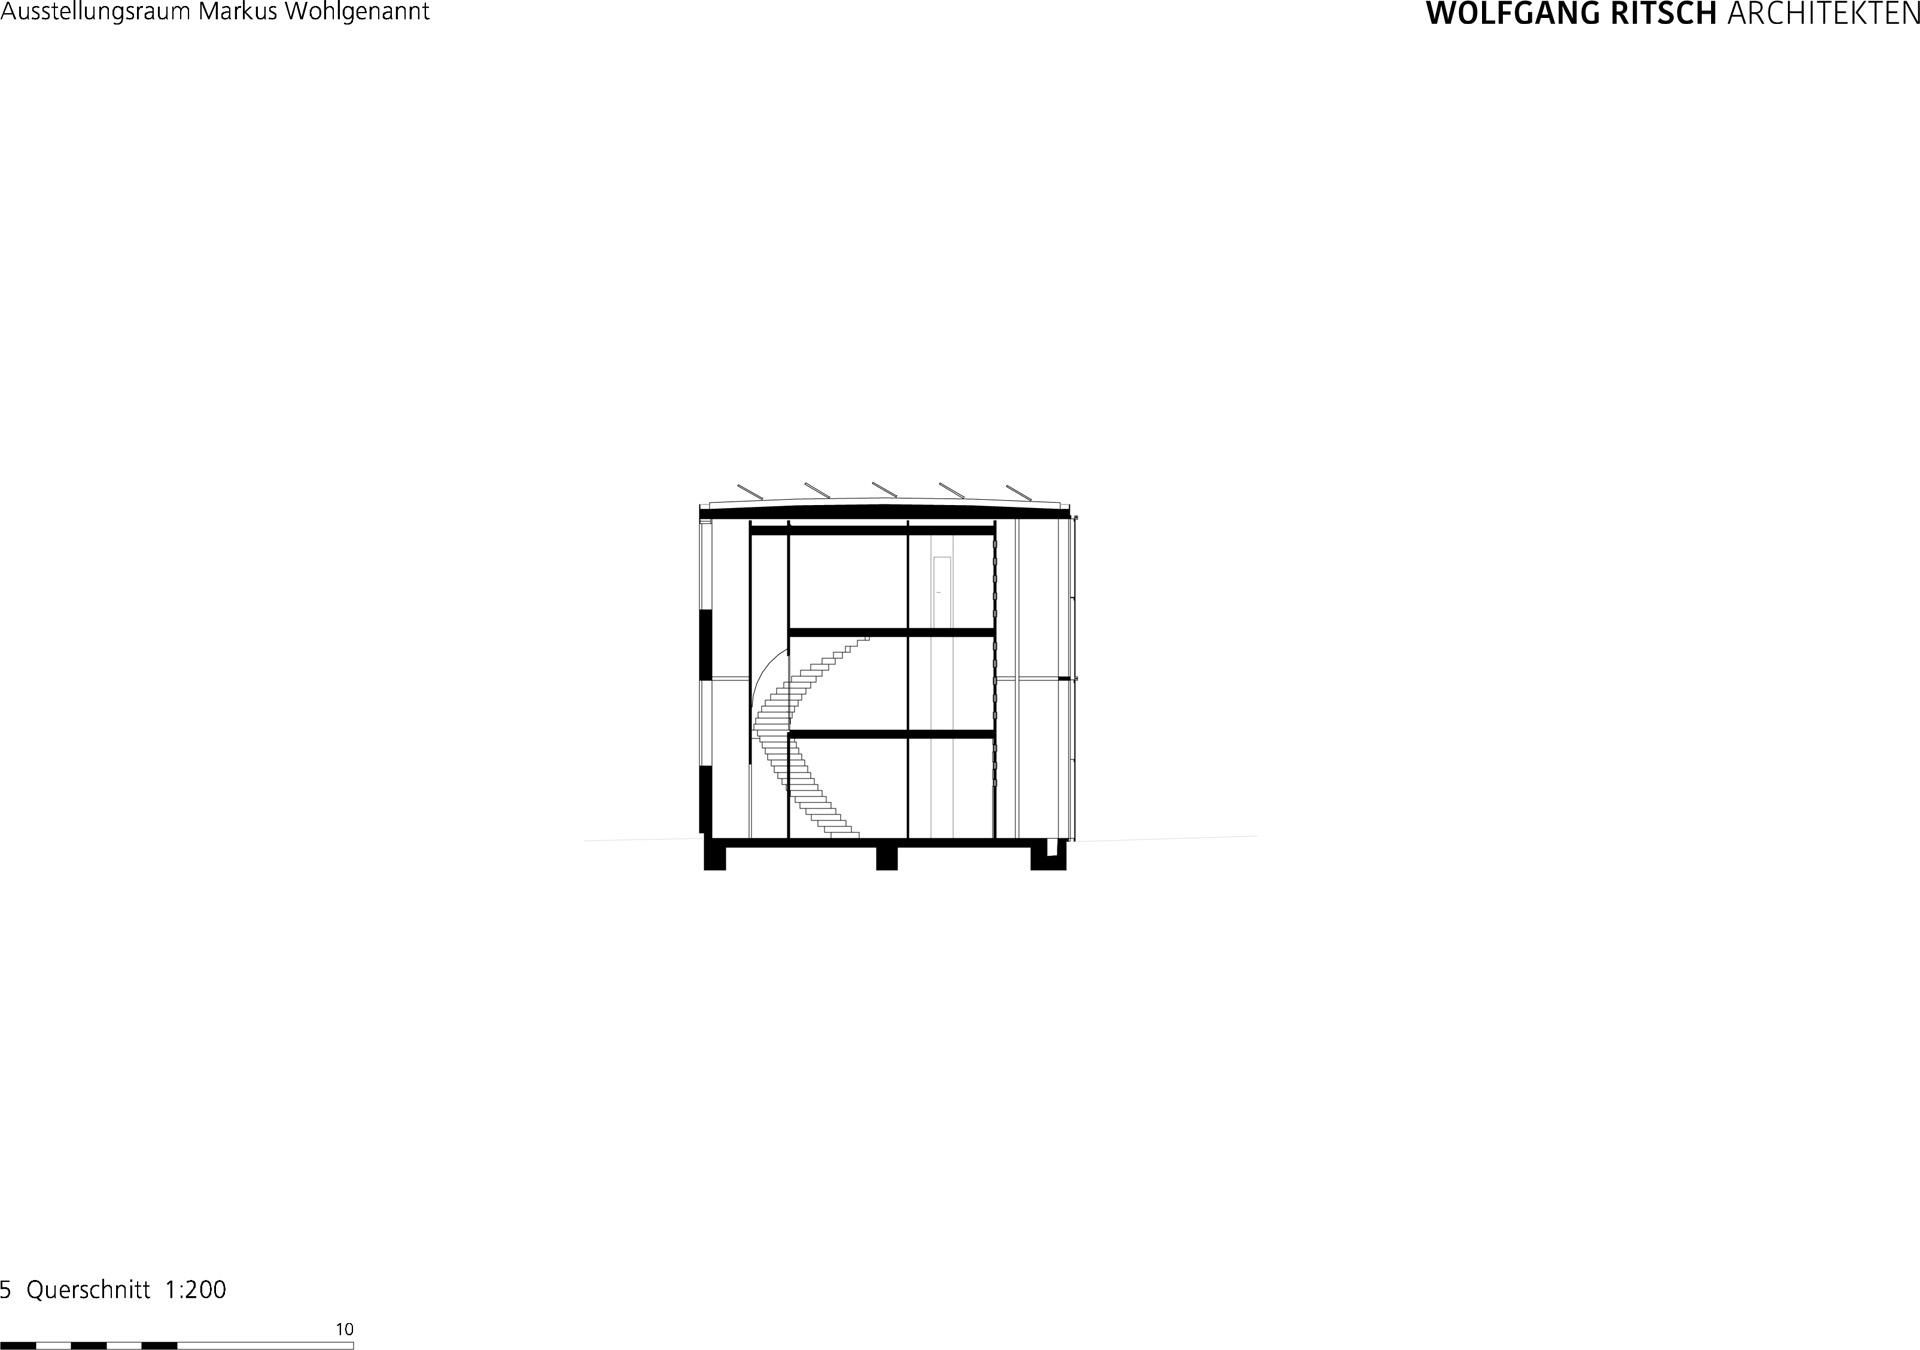 X:PROJEKTE70003980 Wohlgenannt2-PUBLIPLAN20-dwg910_qs 200_